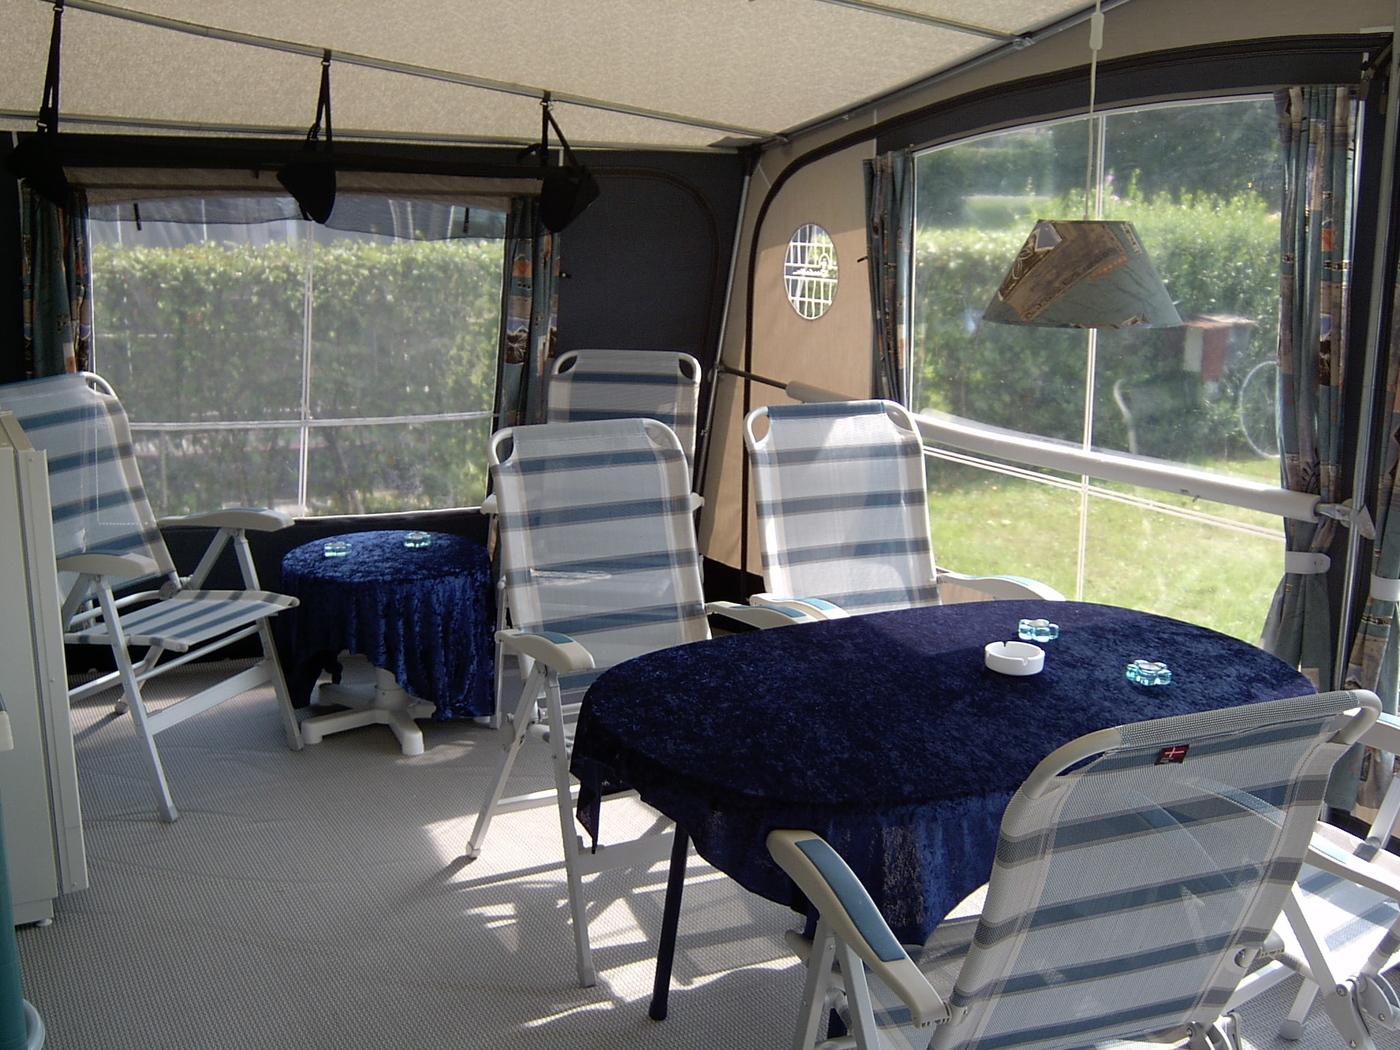 Thumb udlejning af campingvogne  p  campingpladser